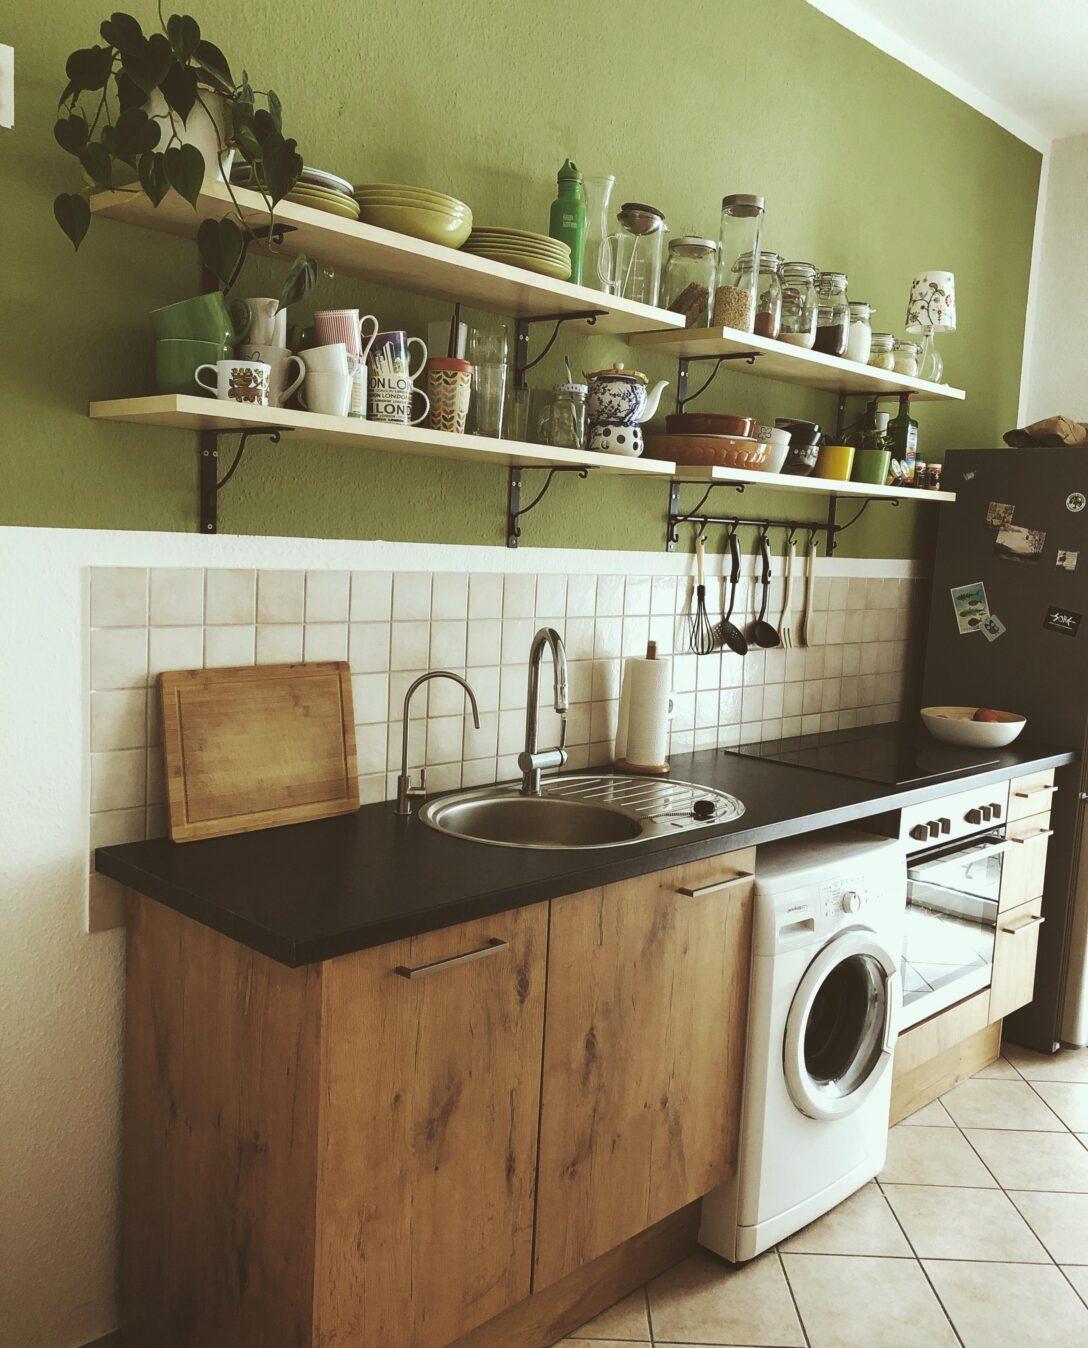 Large Size of Wandfarbe Küche Farbe In Der Kche So Wirds Wohnlich Finanzieren U Form Nolte Winkel Edelstahlküche Gebraucht Wasserhahn Industrie Aufbewahrungsbehälter Ebay Wohnzimmer Wandfarbe Küche